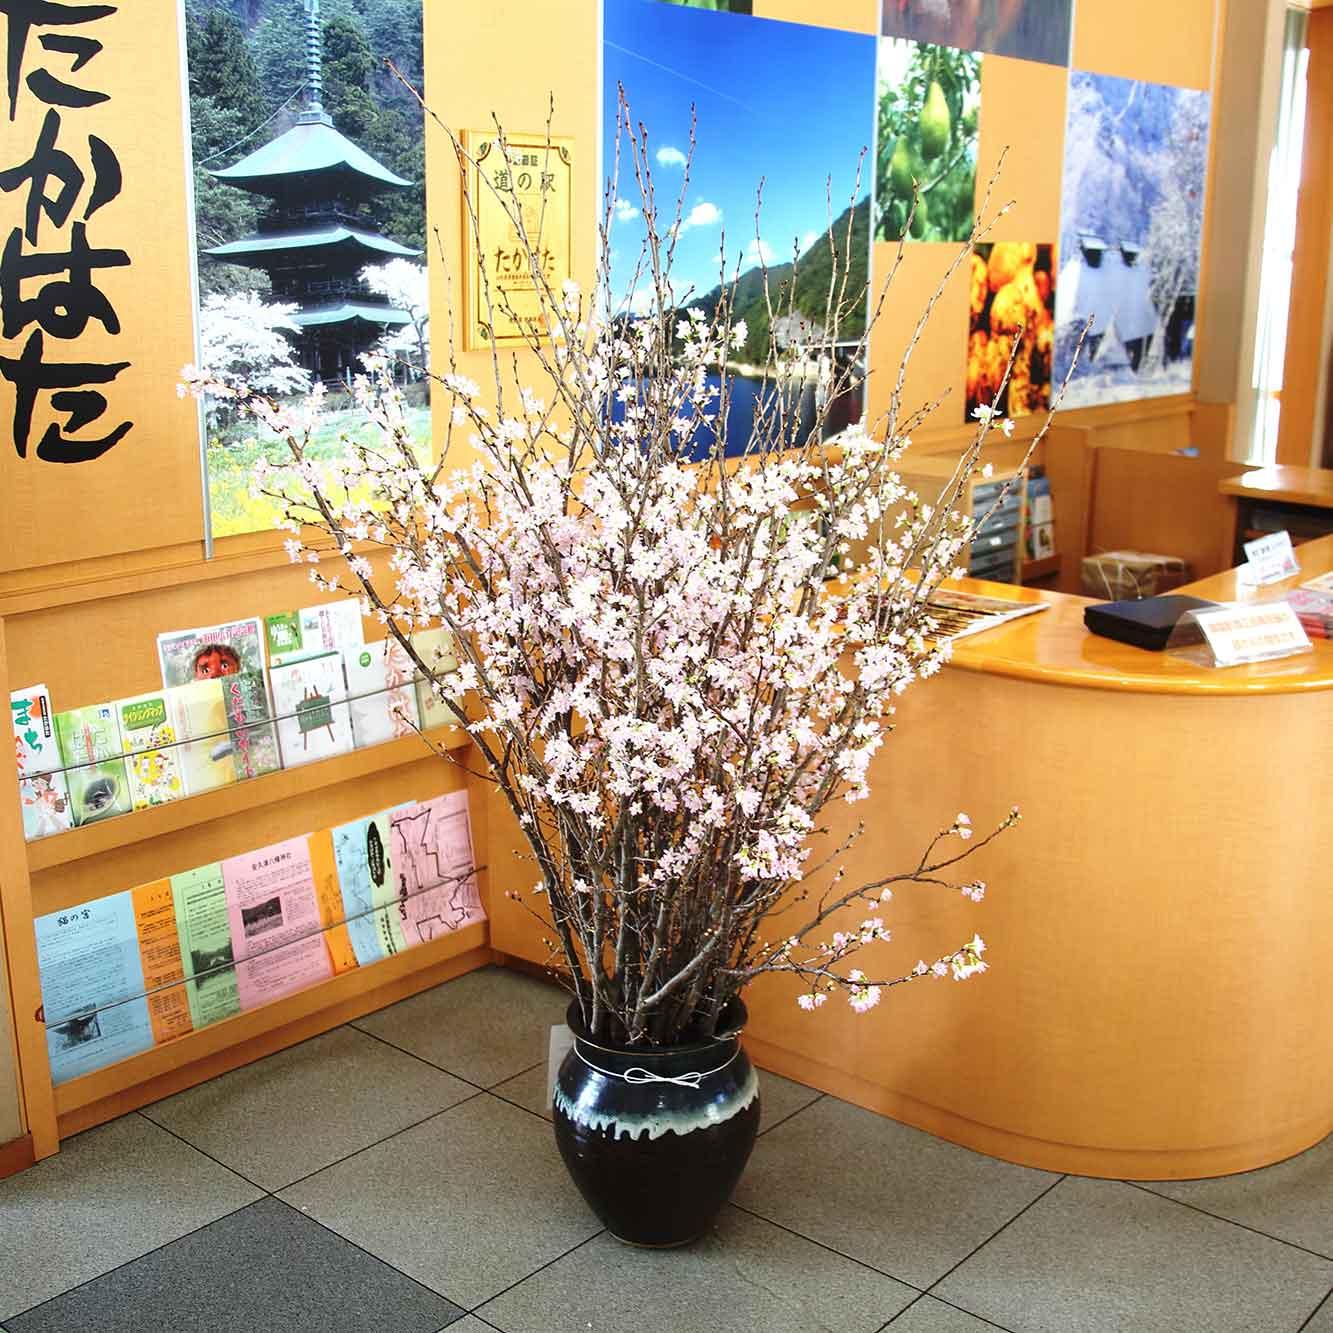 山形県アンテナショップおいしい山形 素材を訪ねて|啓翁桜:                     土屋さんの育てた啓翁桜が展示されている「道の駅たかはた」。訪れた人の目を楽しませています。